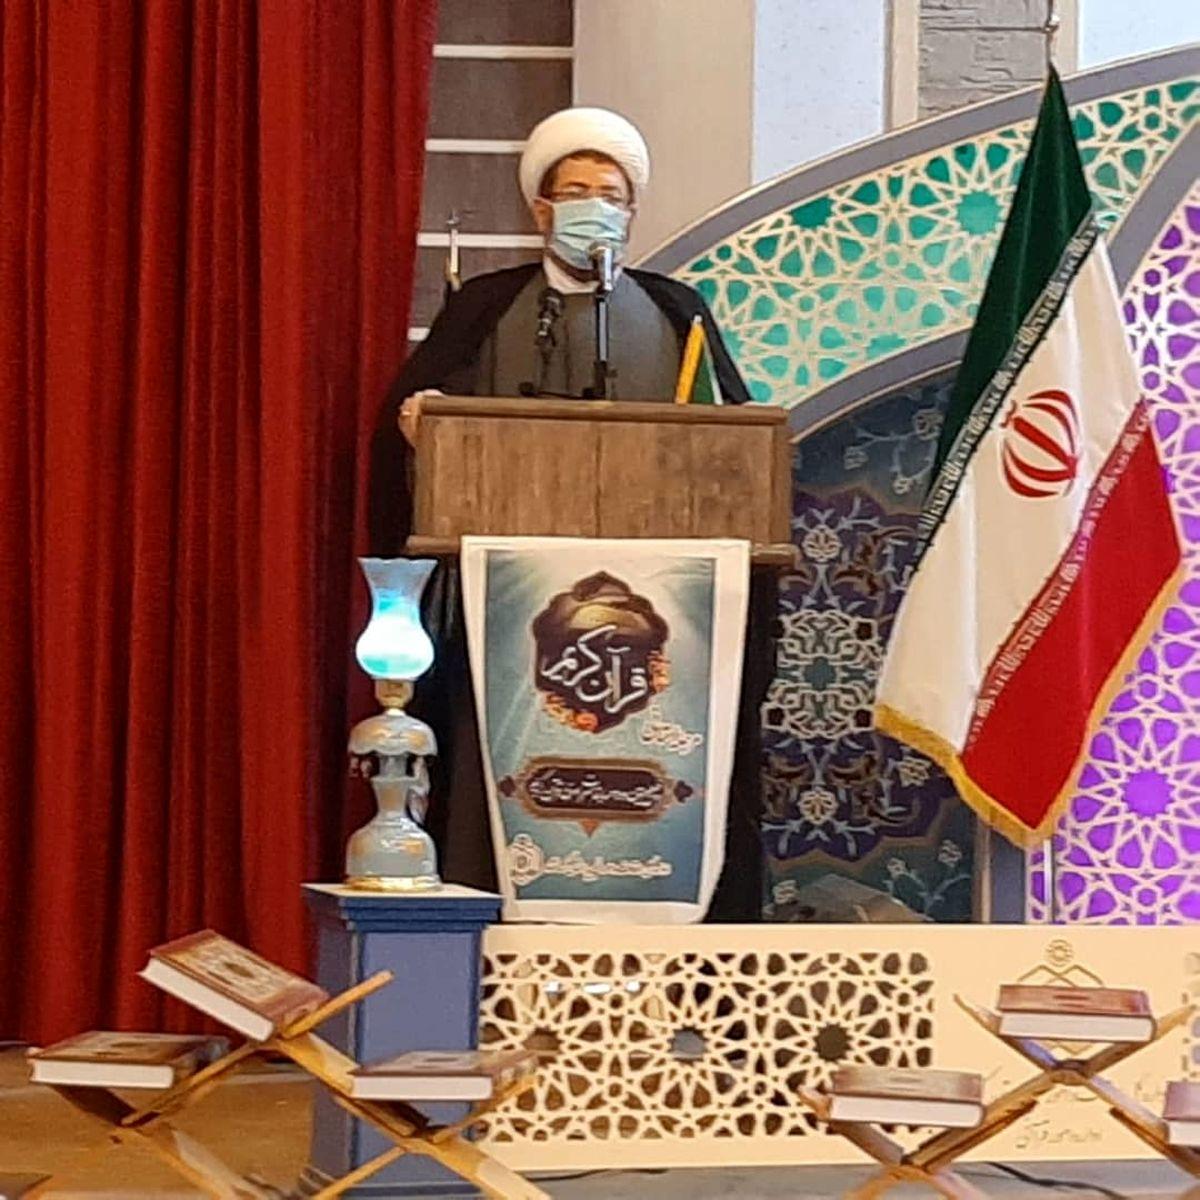 یکی از مهمترین وظایف اوقاف خدمت به قرآن و برگزاری مسابقات قرآنی است